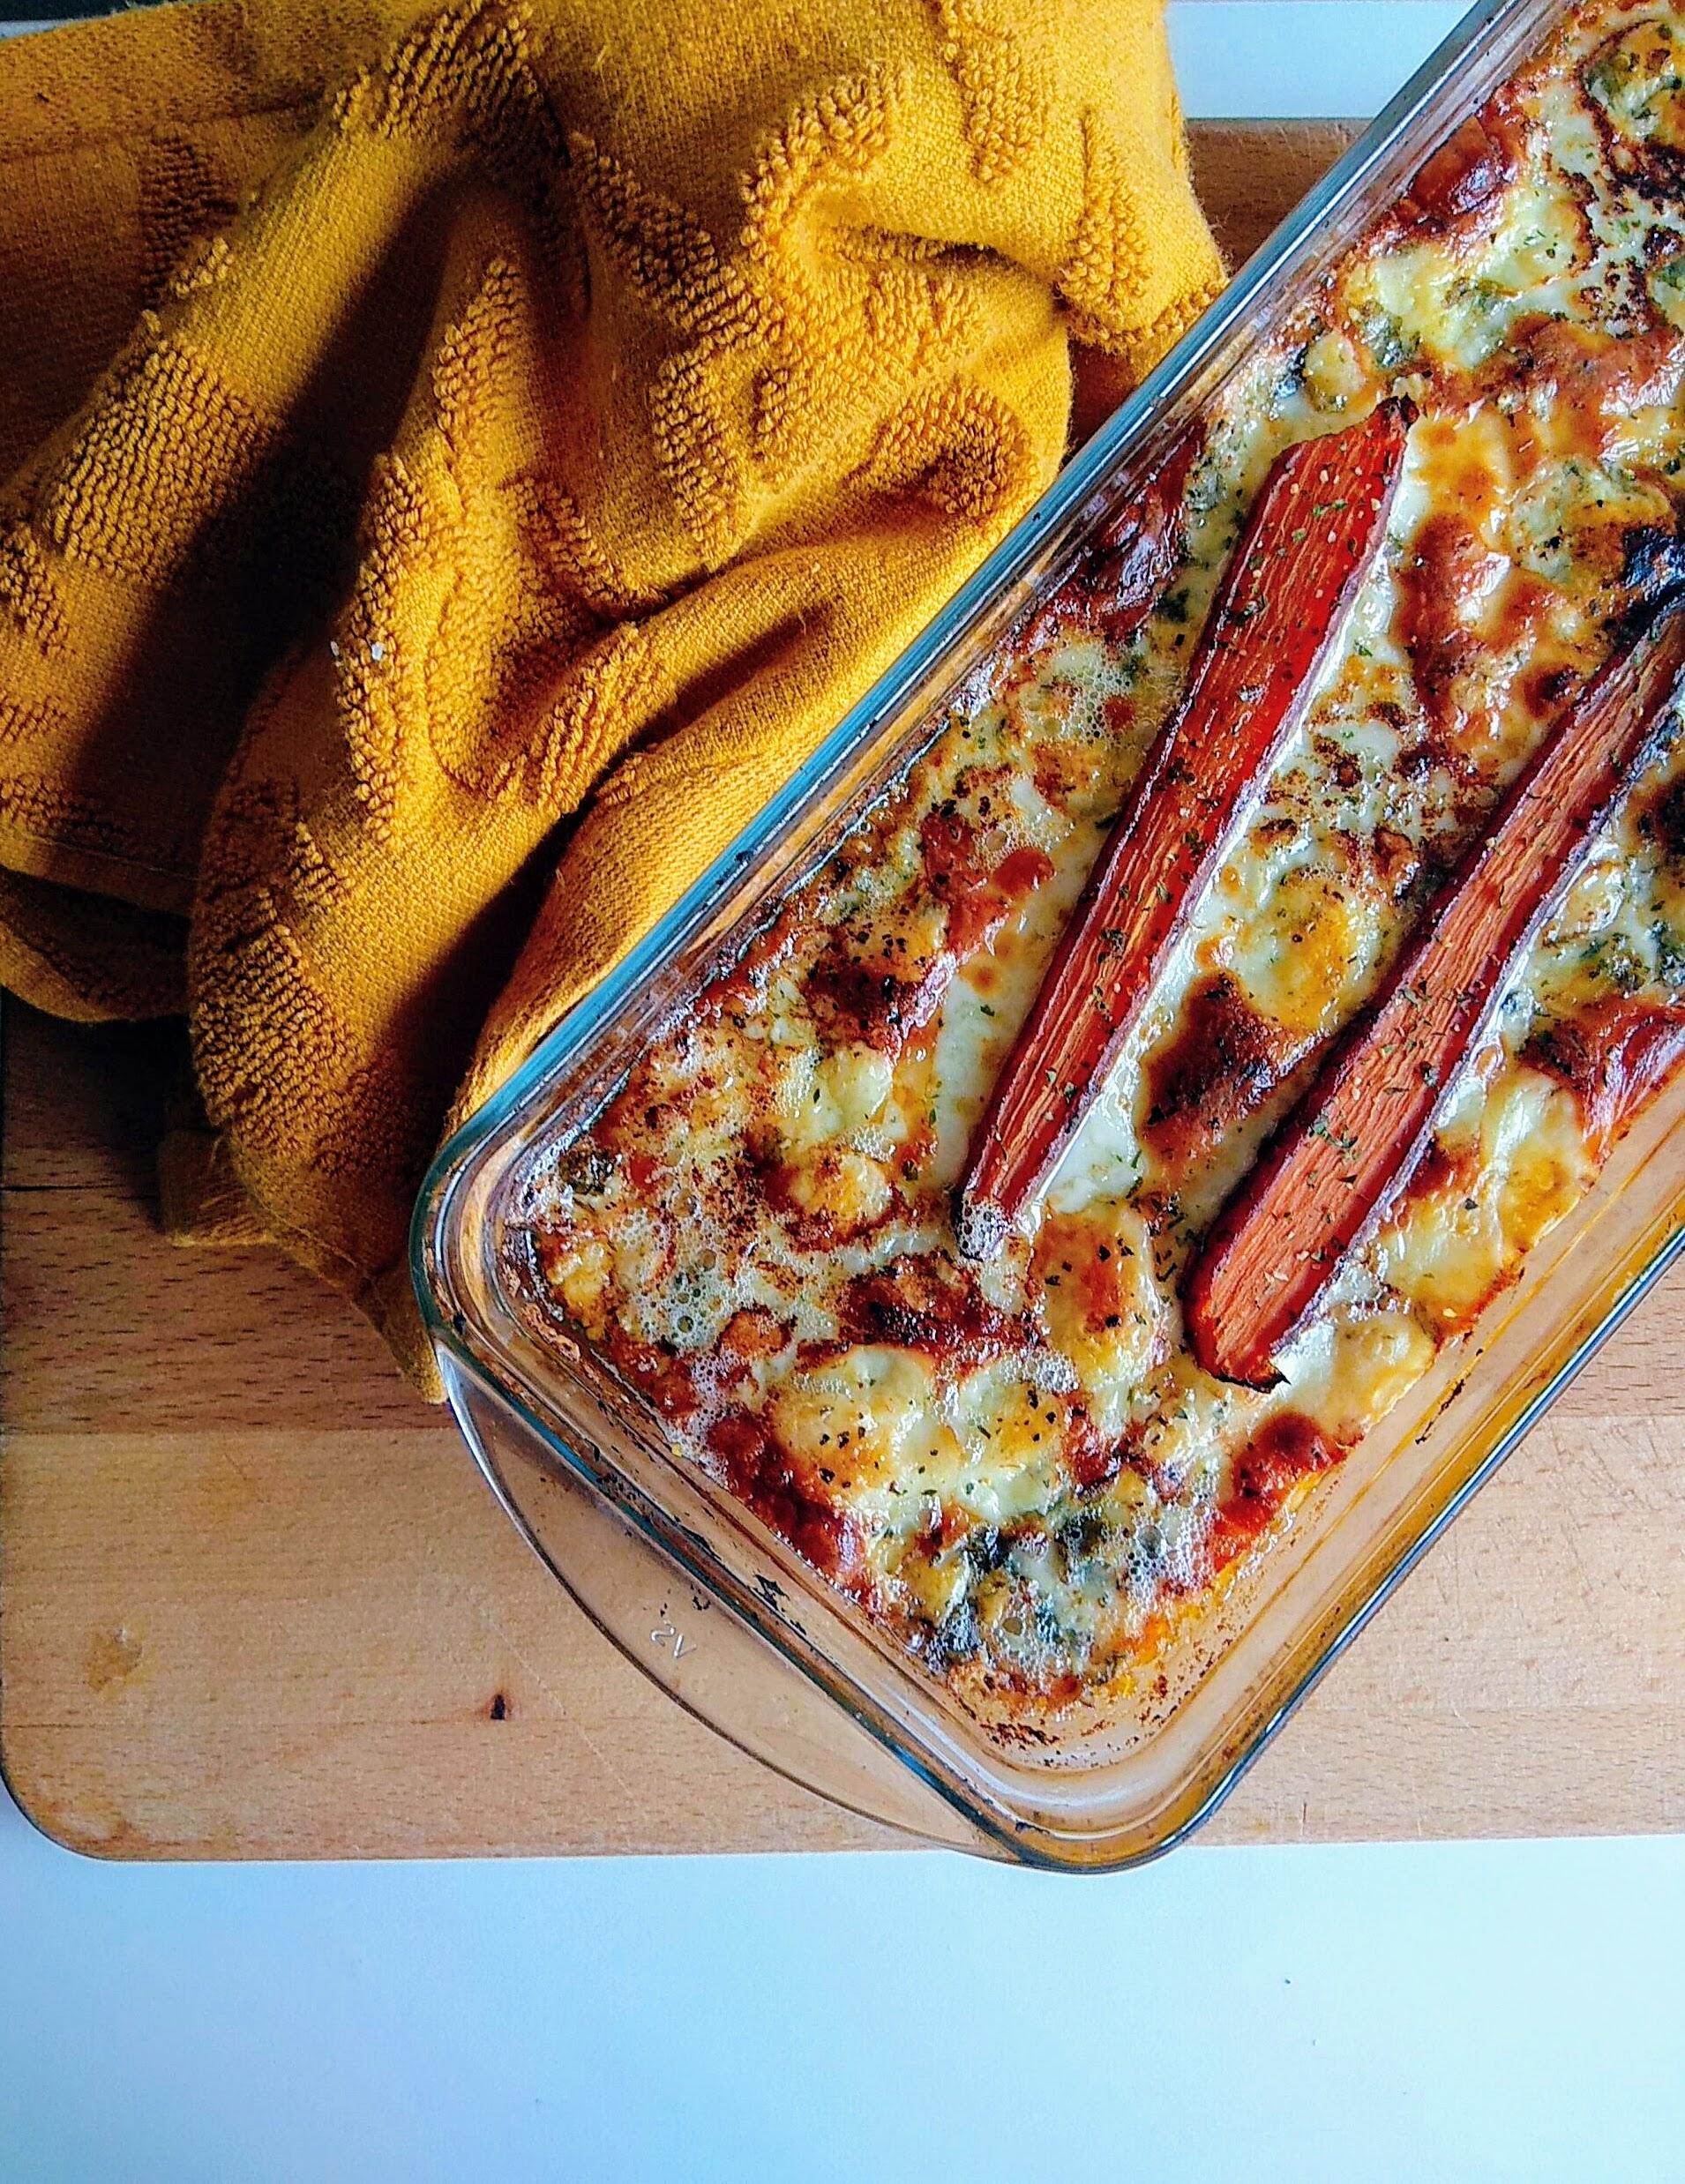 Receta de gratén de calabaza asada y zanahorias. Descúbrela en:www.cocinandoconlola.com